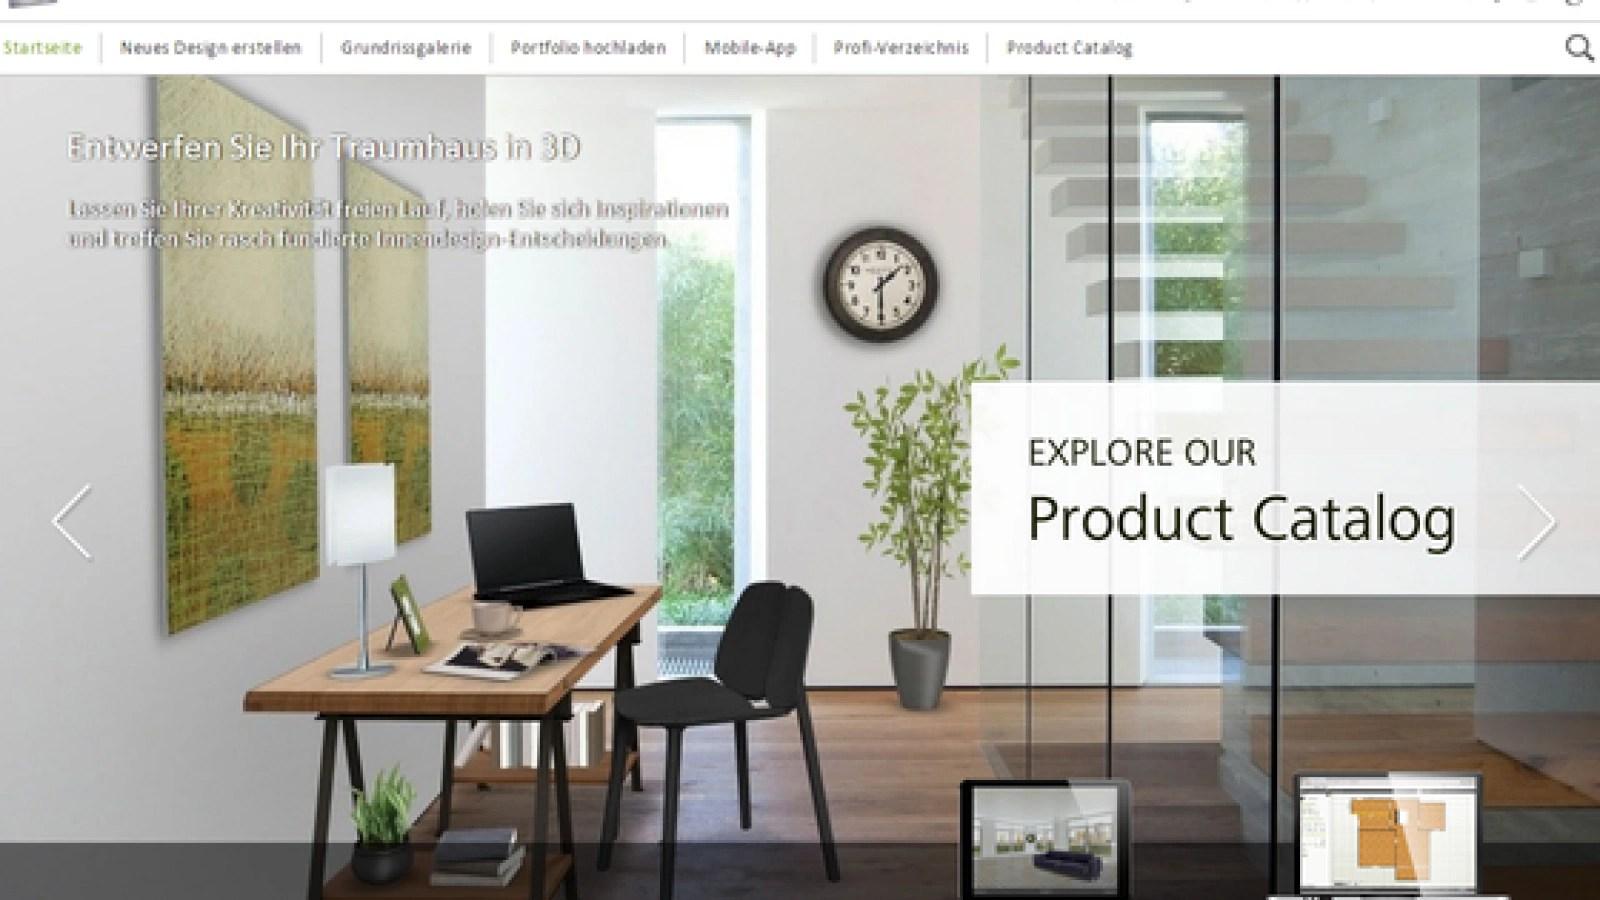 raumgestaltung planungsprogramm k chenplaner software vergleich test 2018 top 6 im vergleich. Black Bedroom Furniture Sets. Home Design Ideas